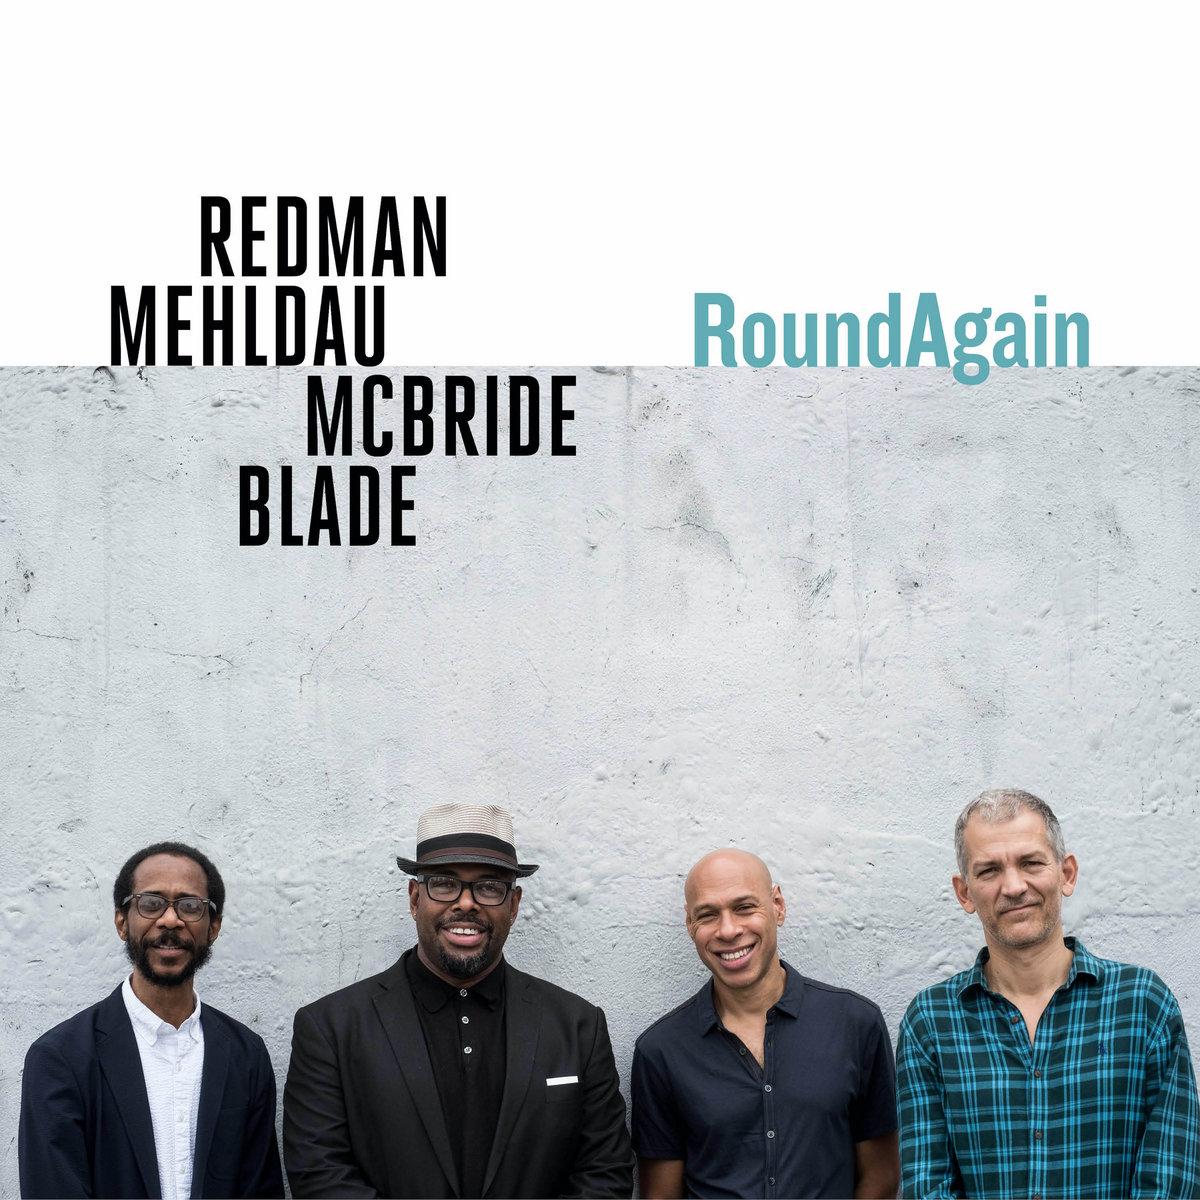 RoundAgain   RedmanMehldauMcBrideBlade